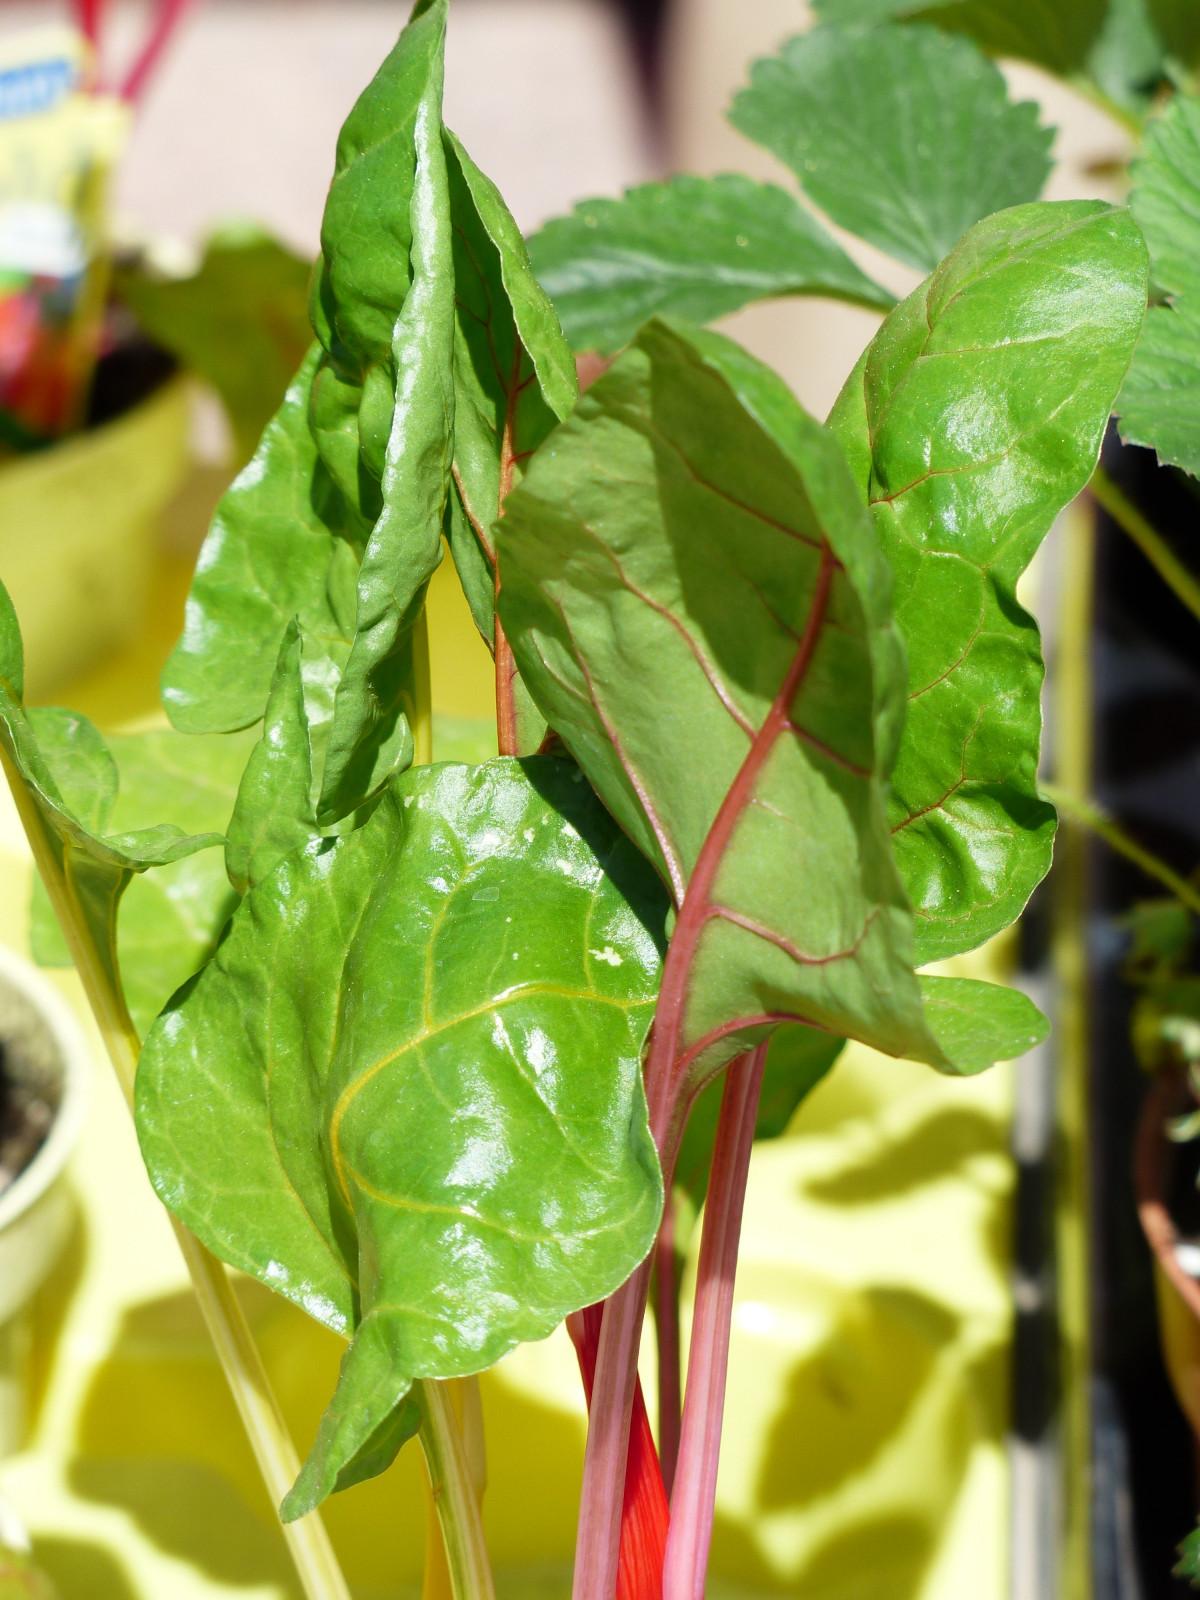 무료 이미지 : 식품, 샐러드, 녹색, 생기게 하다, 야채, 식물학 ...